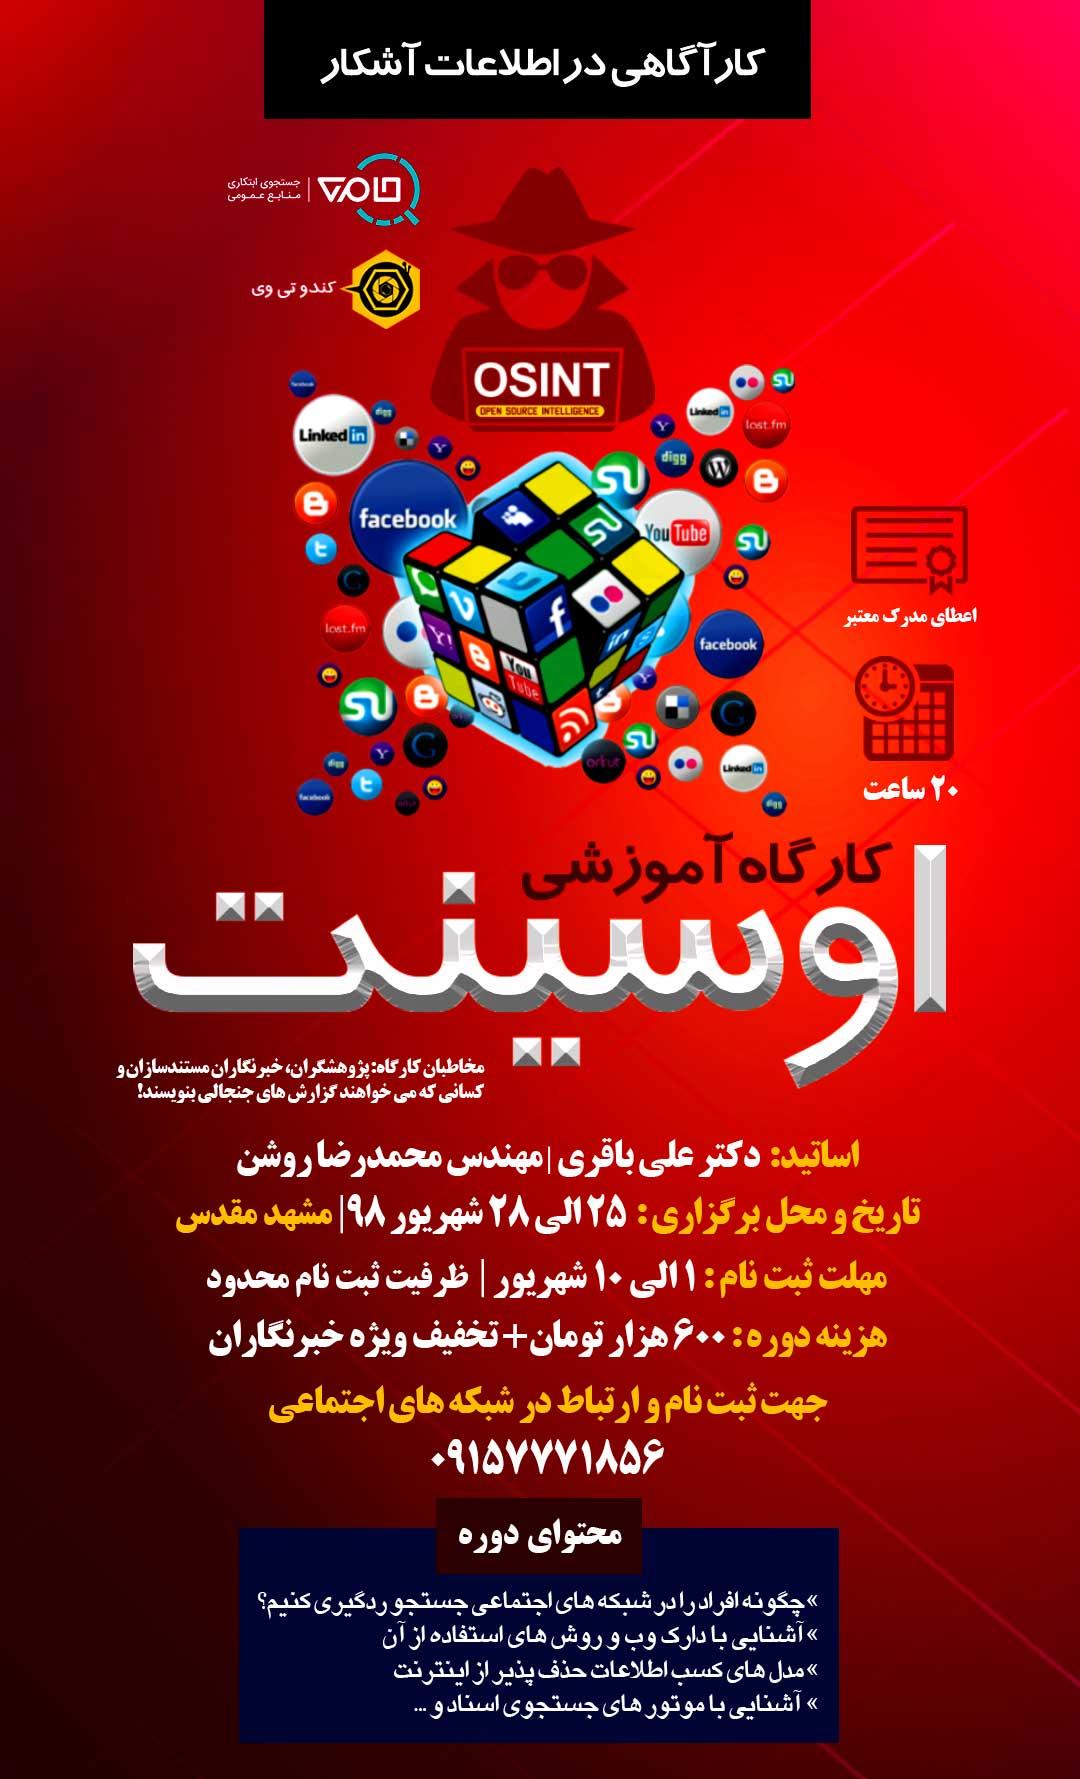 دوره آموزش اوسینت در مشهد